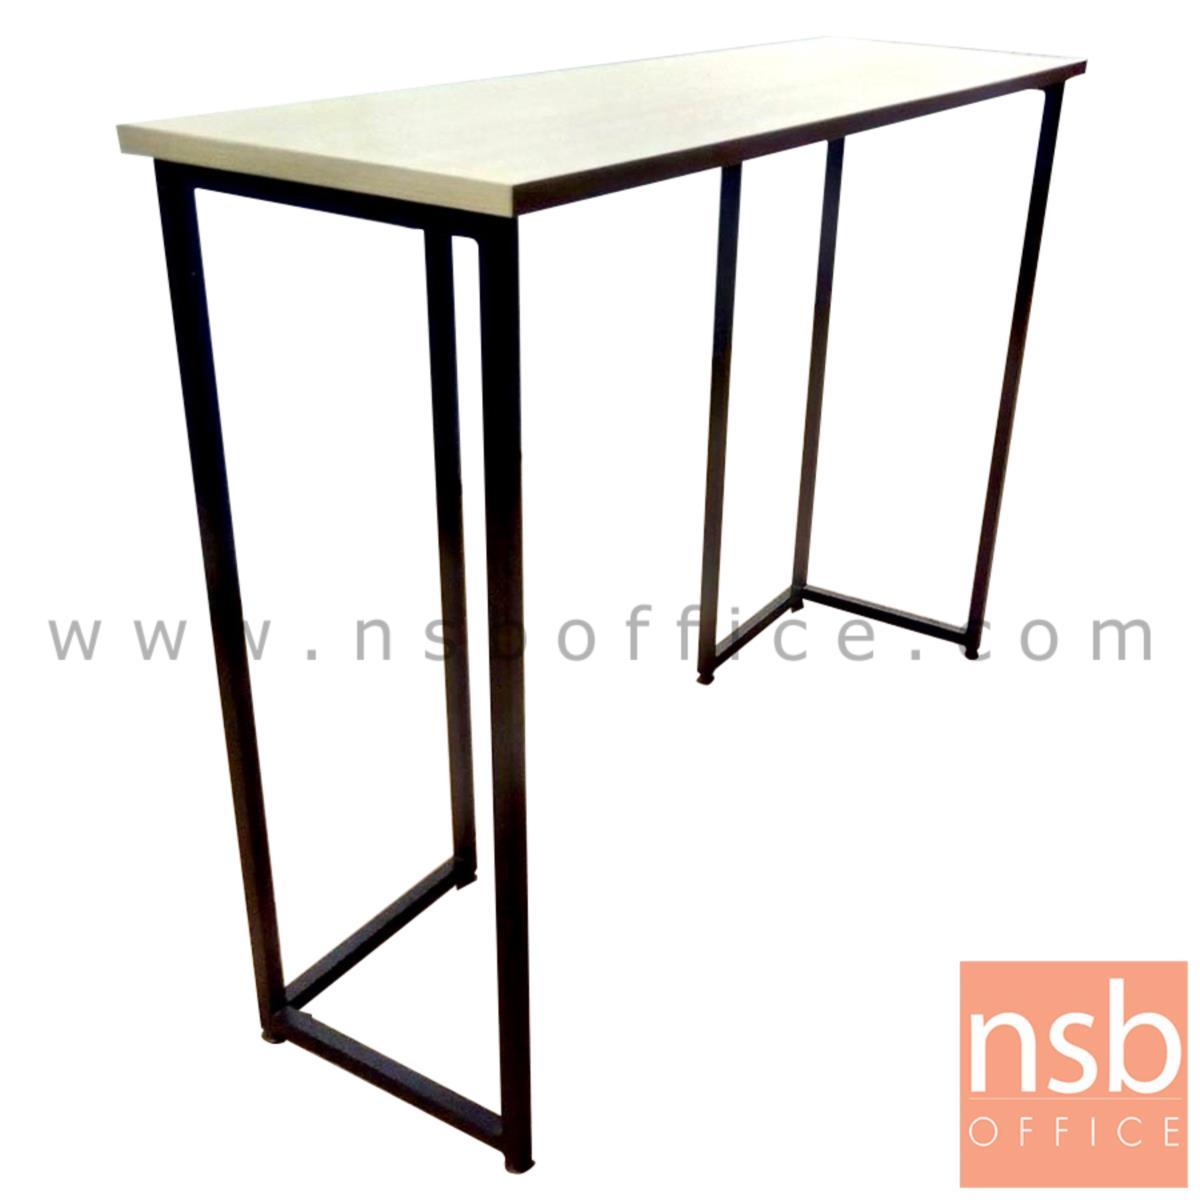 G14A110:โต๊ะบาร์หน้าเมลามีน  ขนาด 120W ,150W, 180W cm.  ขาเหล็กกล่องทำสี